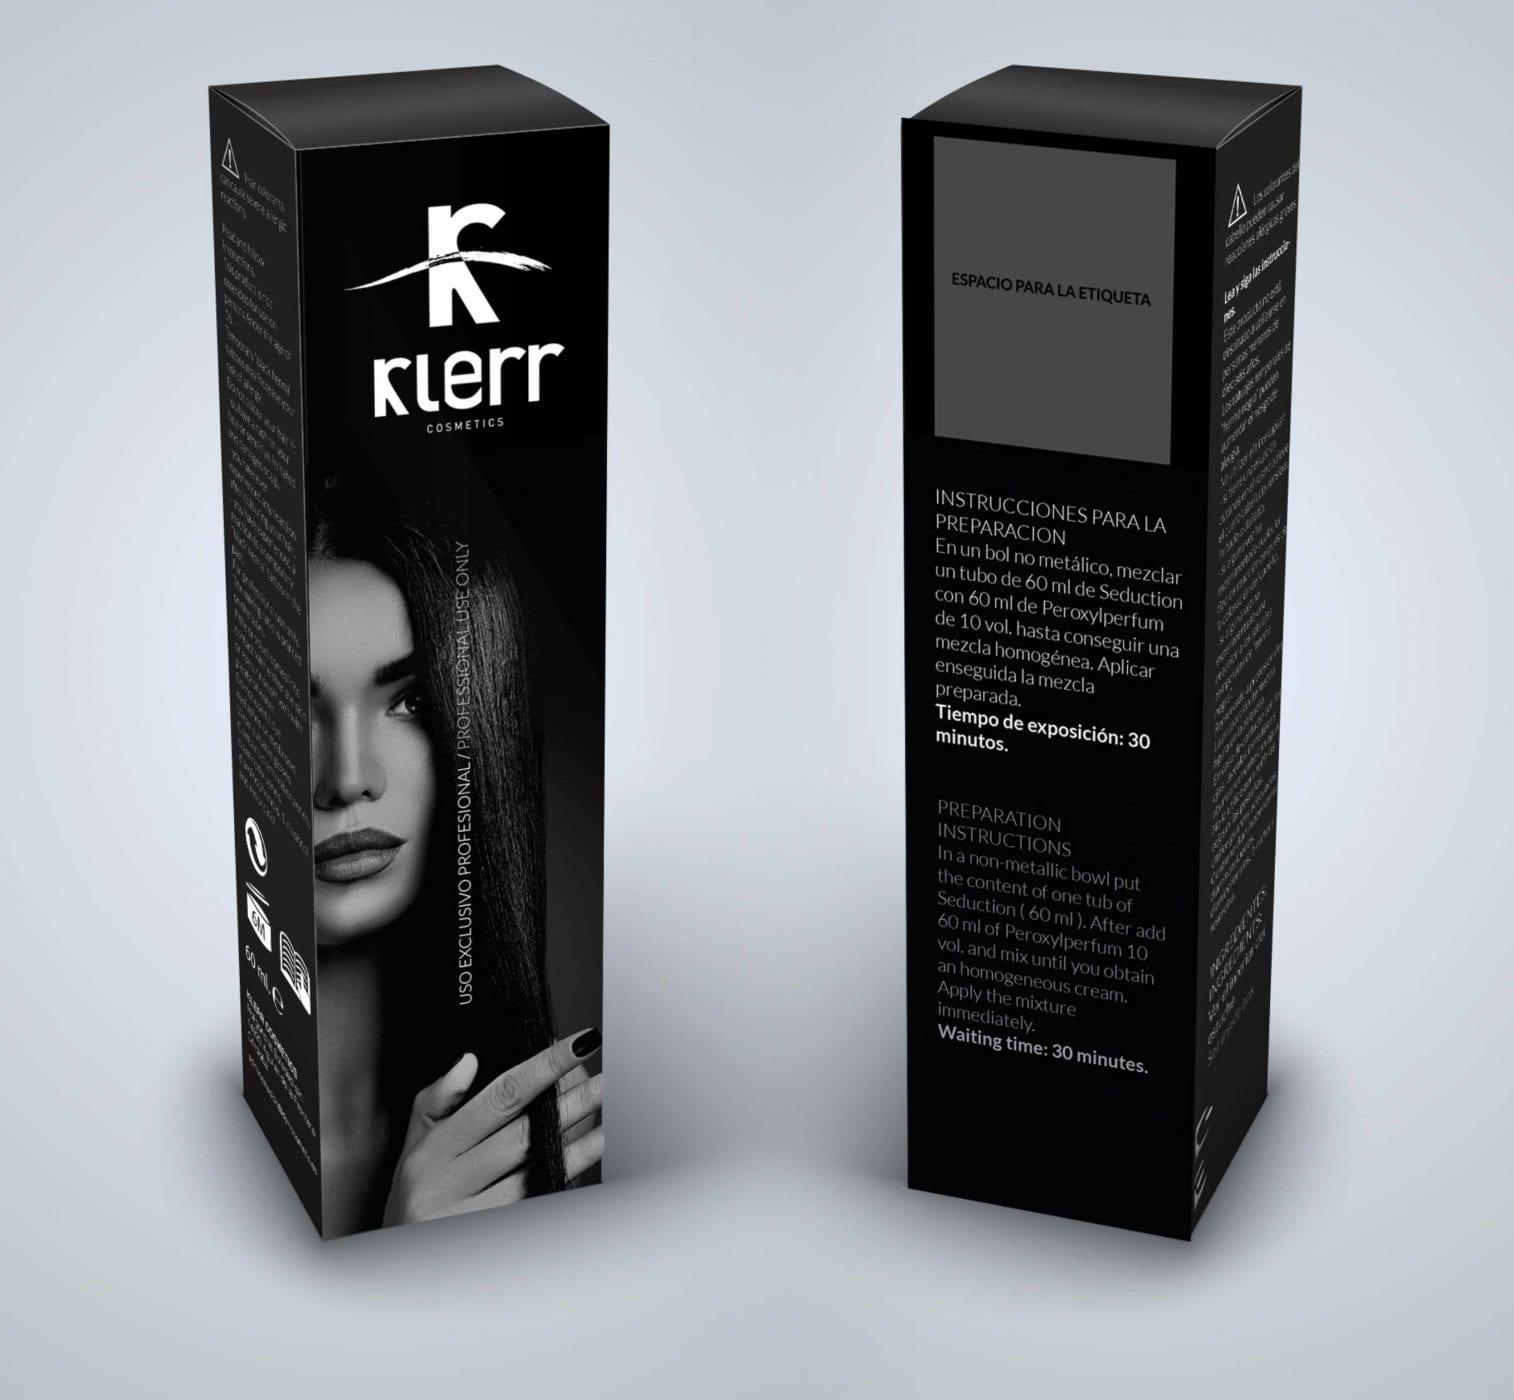 diseño de envases y packaging para empresas